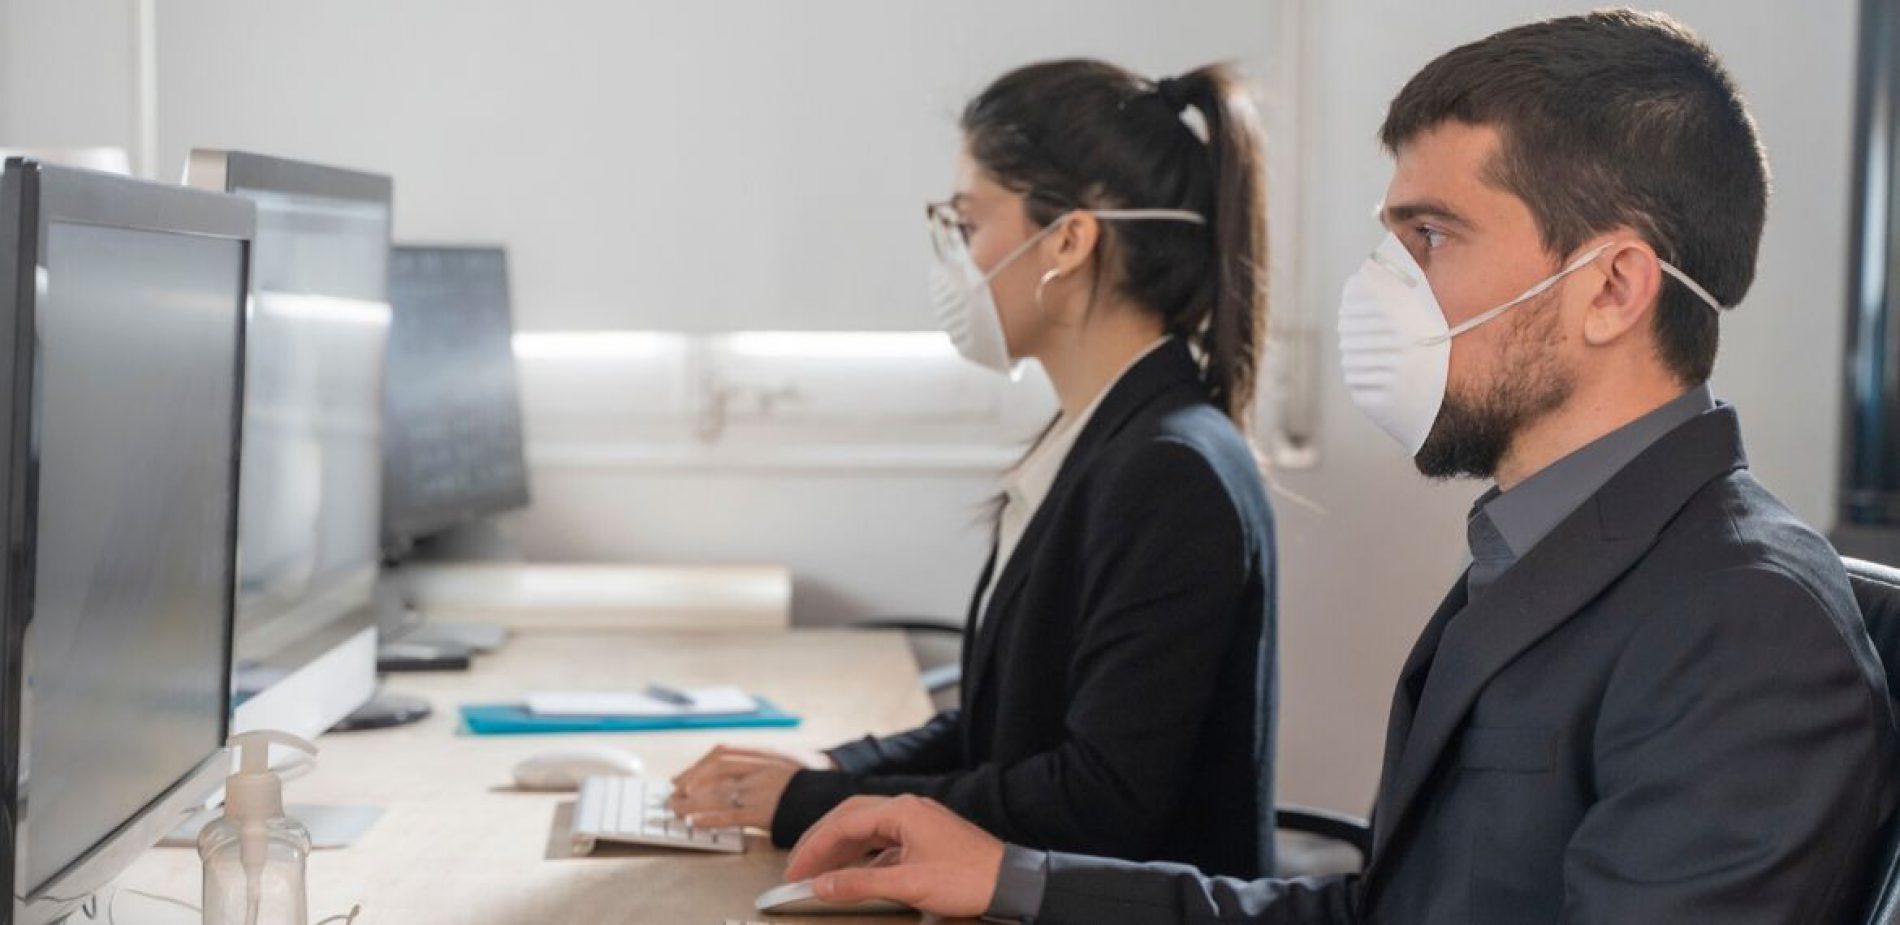 Coronavirus lavoro – Nuovo decreto legge recante misure urgenti di sostegno per famiglie e lavoratori